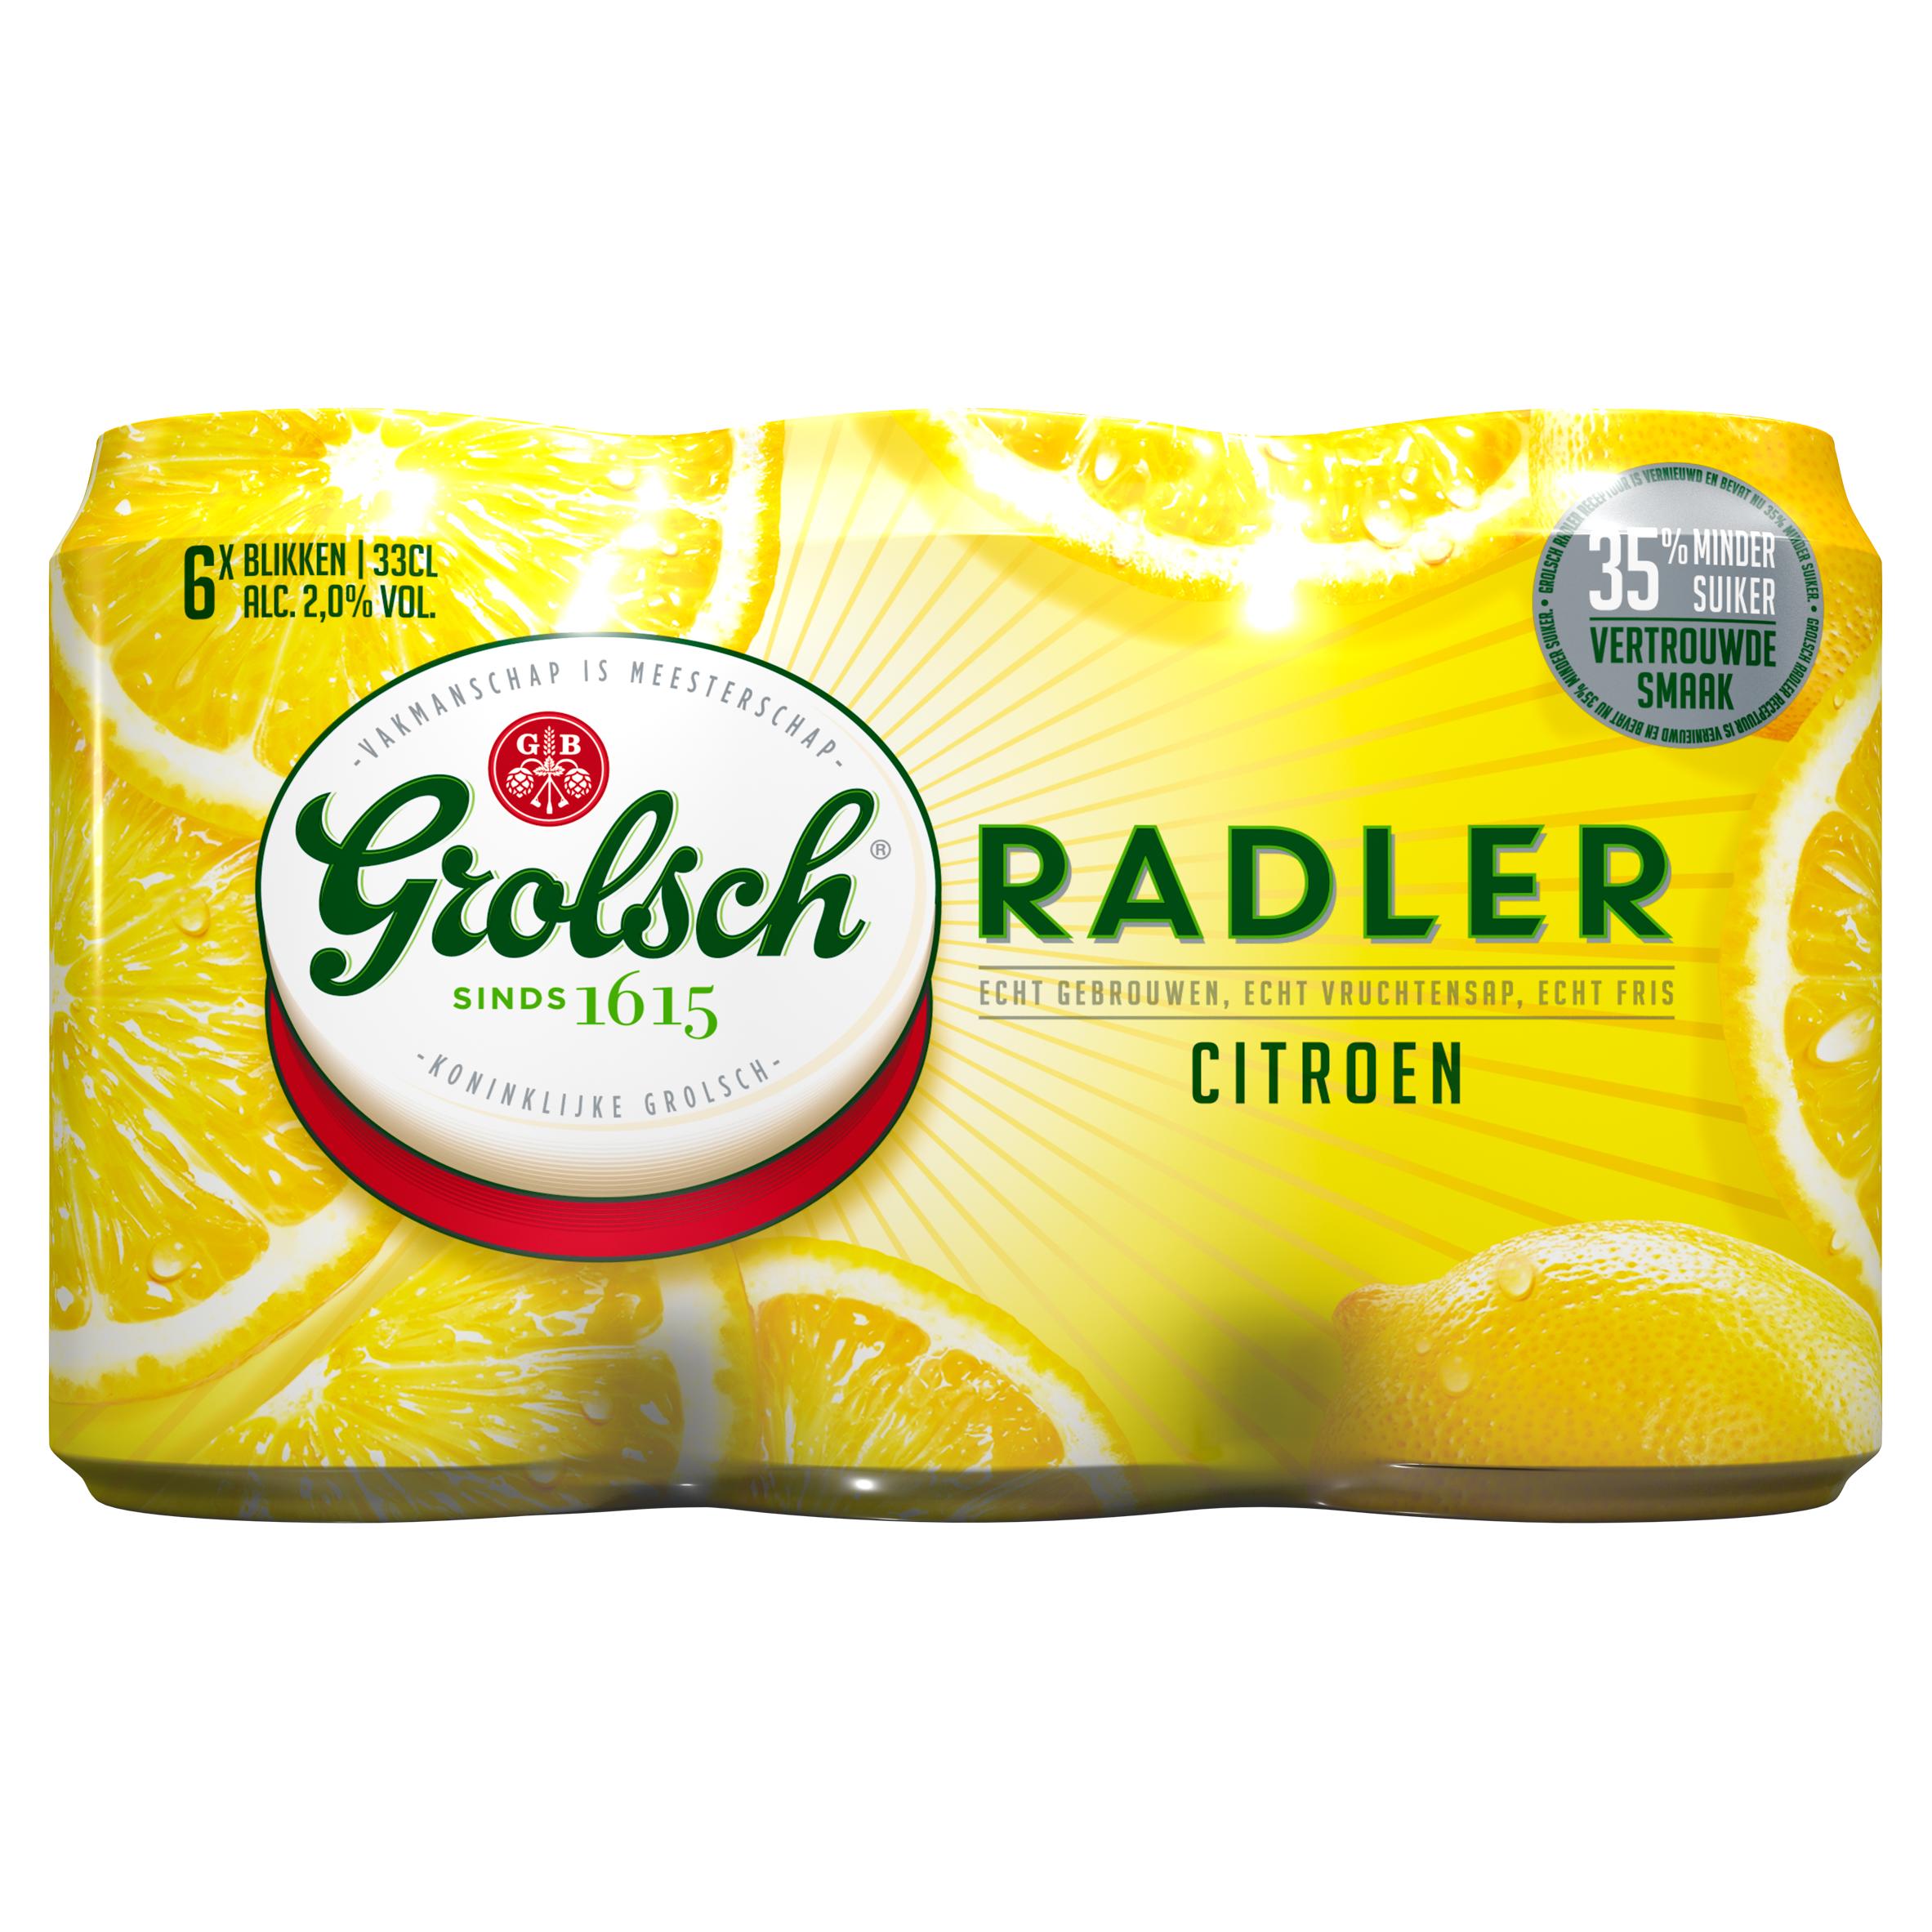 Grolsch Radler Citroen Blik 6 x 33 cl